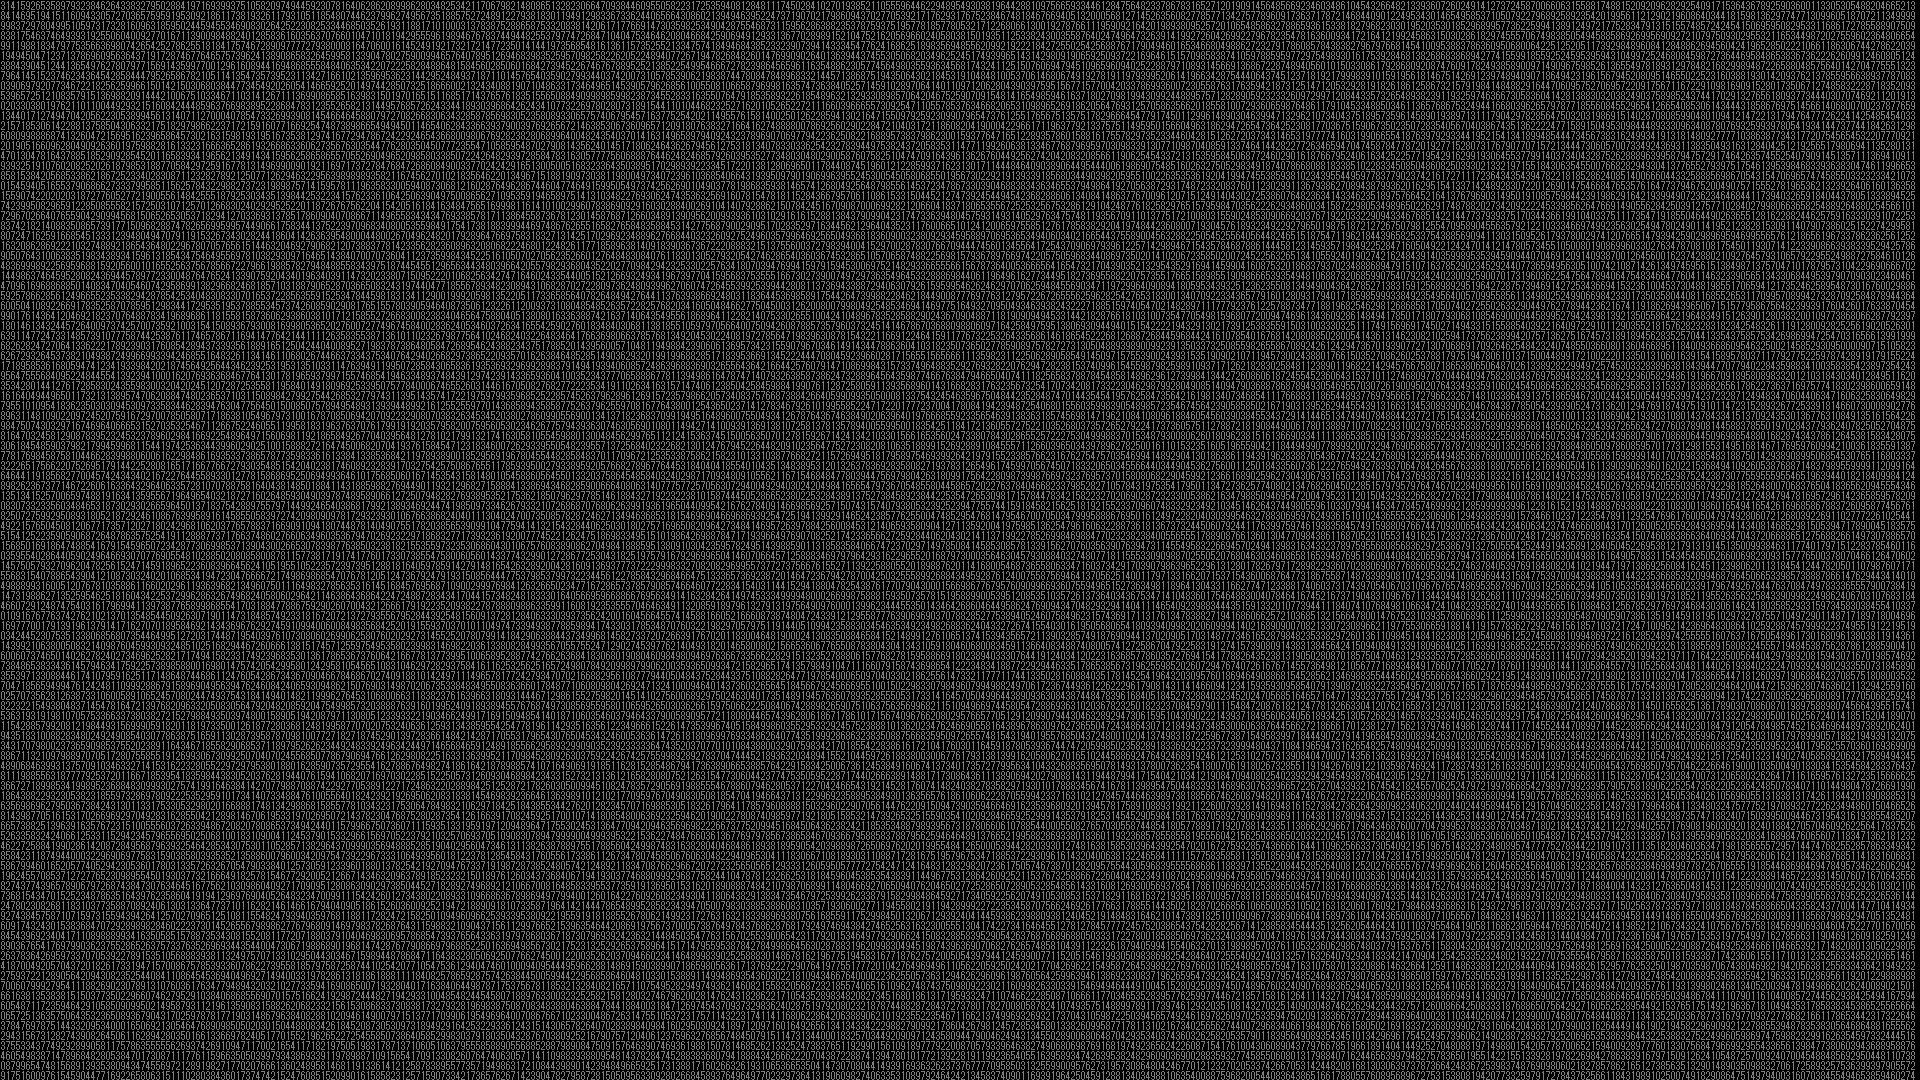 tubo28のブログ   RubyのCairoで円周率の壁紙を作った